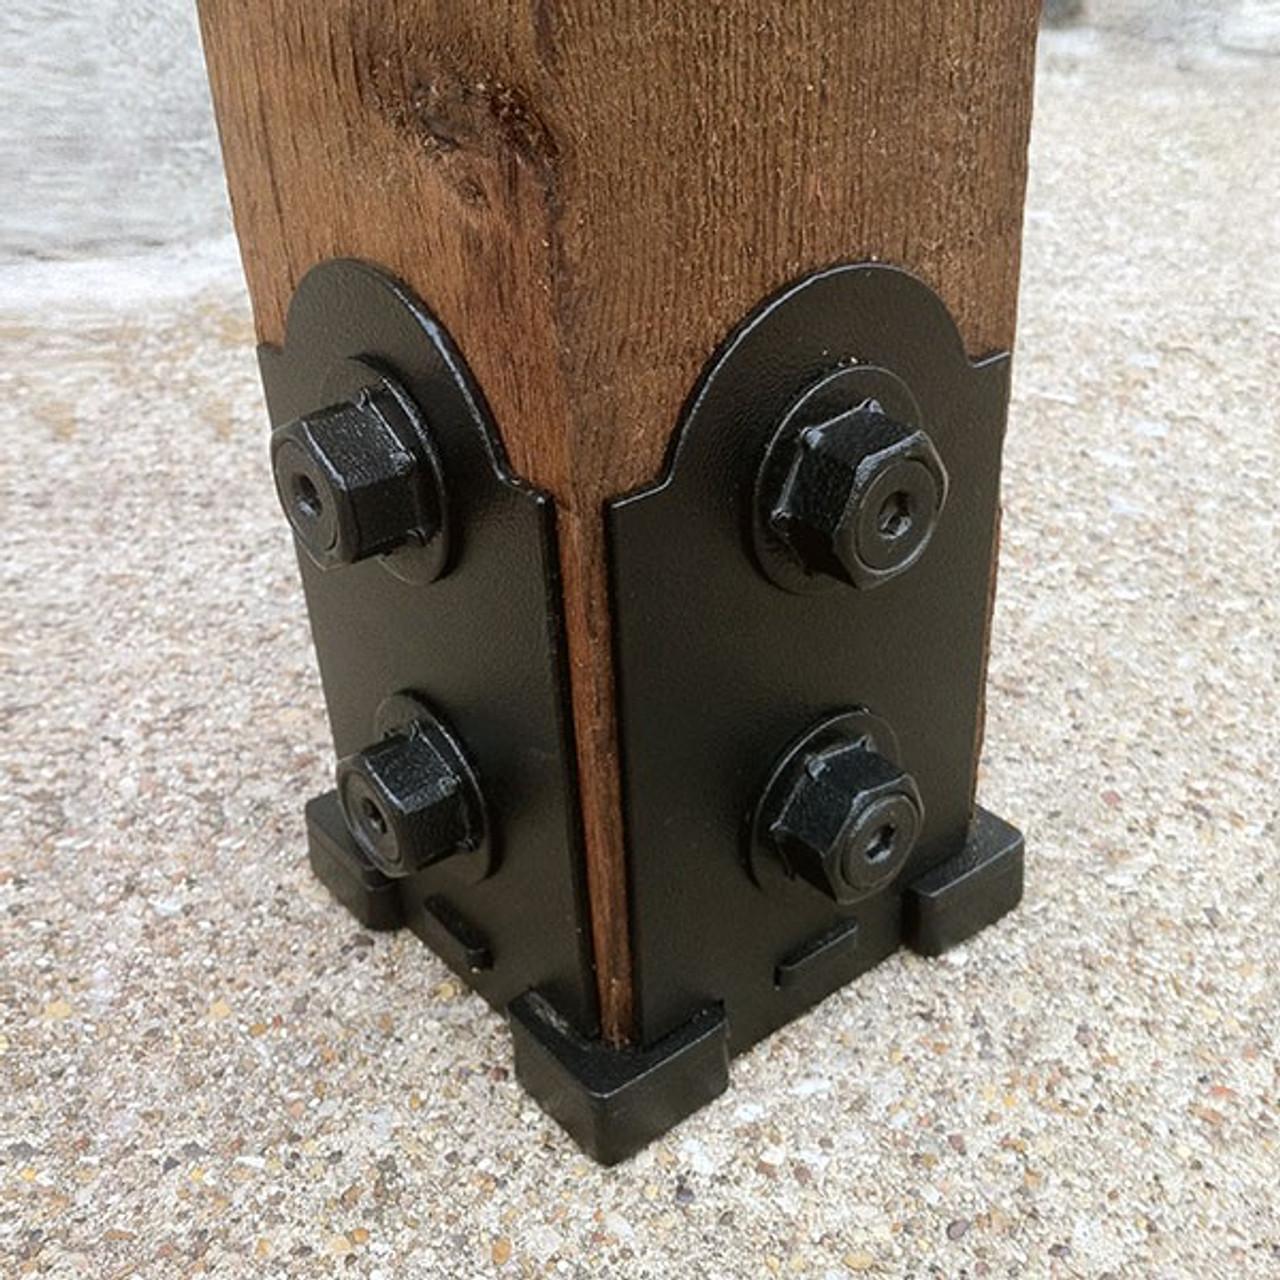 4x4 Post Anchor Designer Base Kit